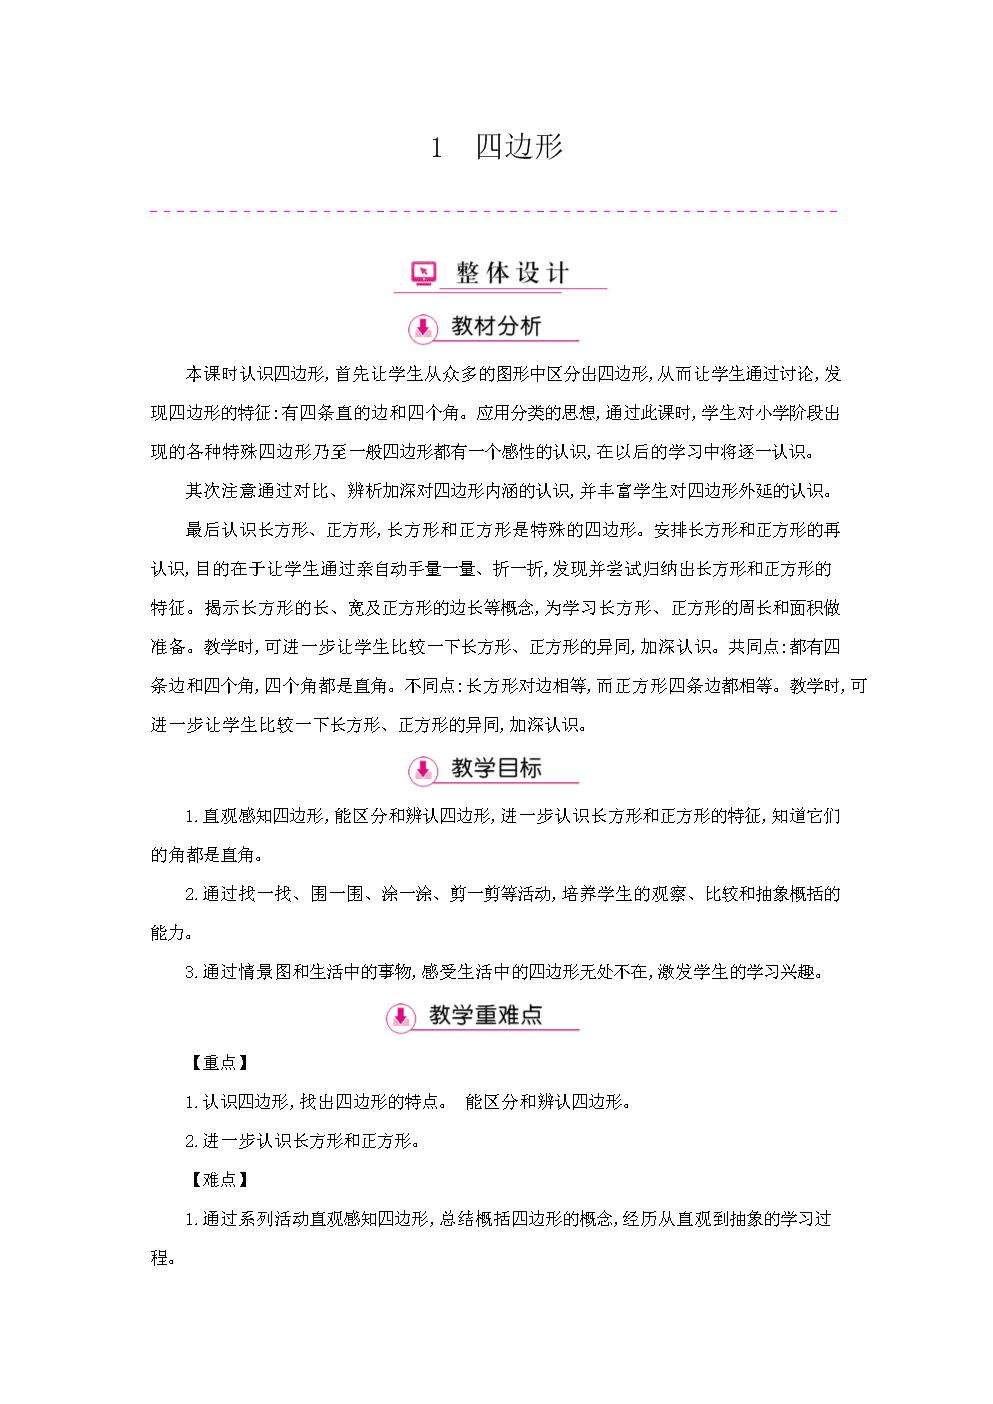 三年级上册数学教案-四边形-人教新课标(2014秋).docx